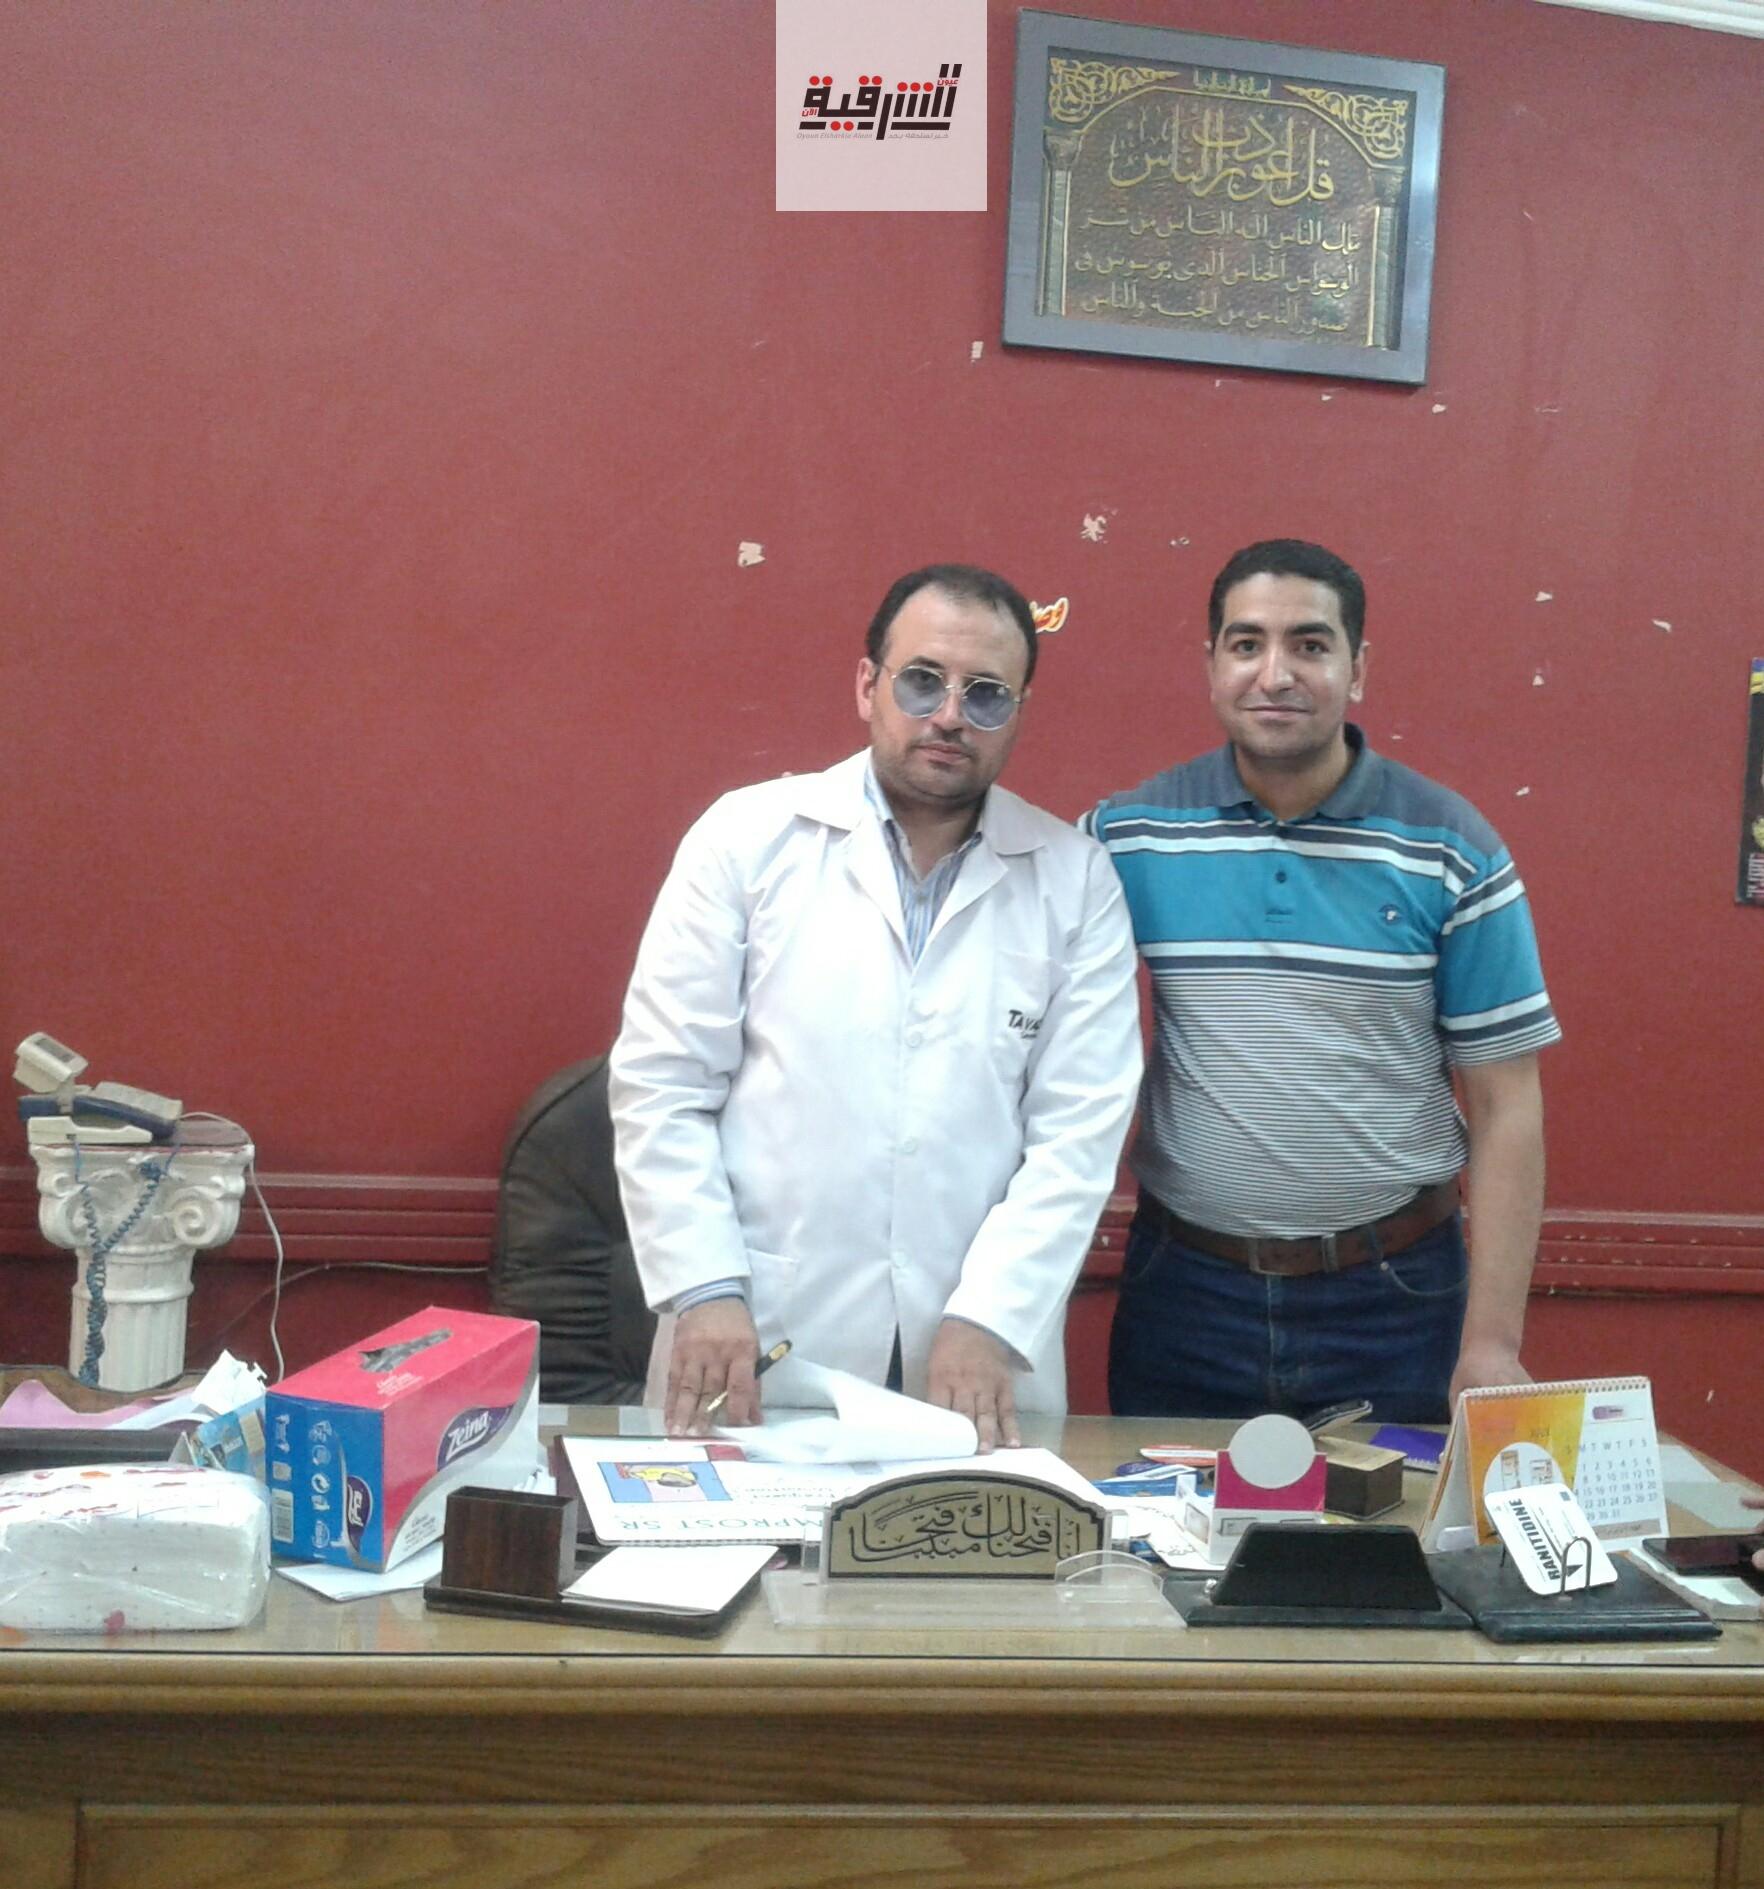 مدير مستشفى أبوحماد : سيتم فتح عيادة للكشف بسعر رمزى من ٢ظ- ٨ م لجميع التخصصات يوميا بالمستشفى